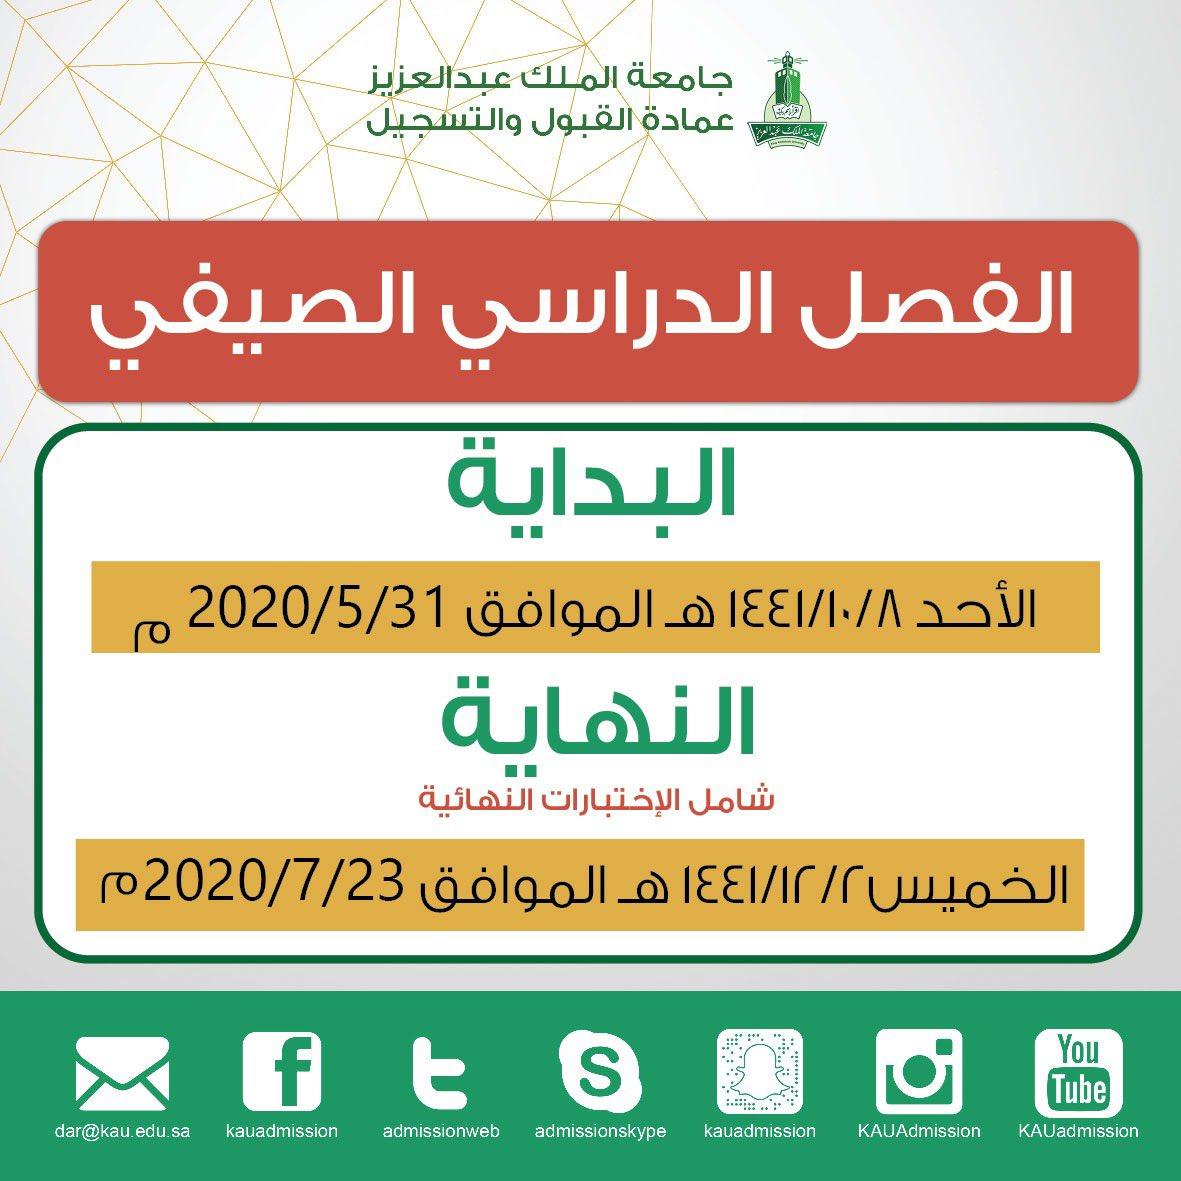 عمادة القبول والتسجيل Kau On Twitter مواعيد بداية ونهاية الفصل الدراسي الصيفي بـ جامعة الملك عبدالعزيز